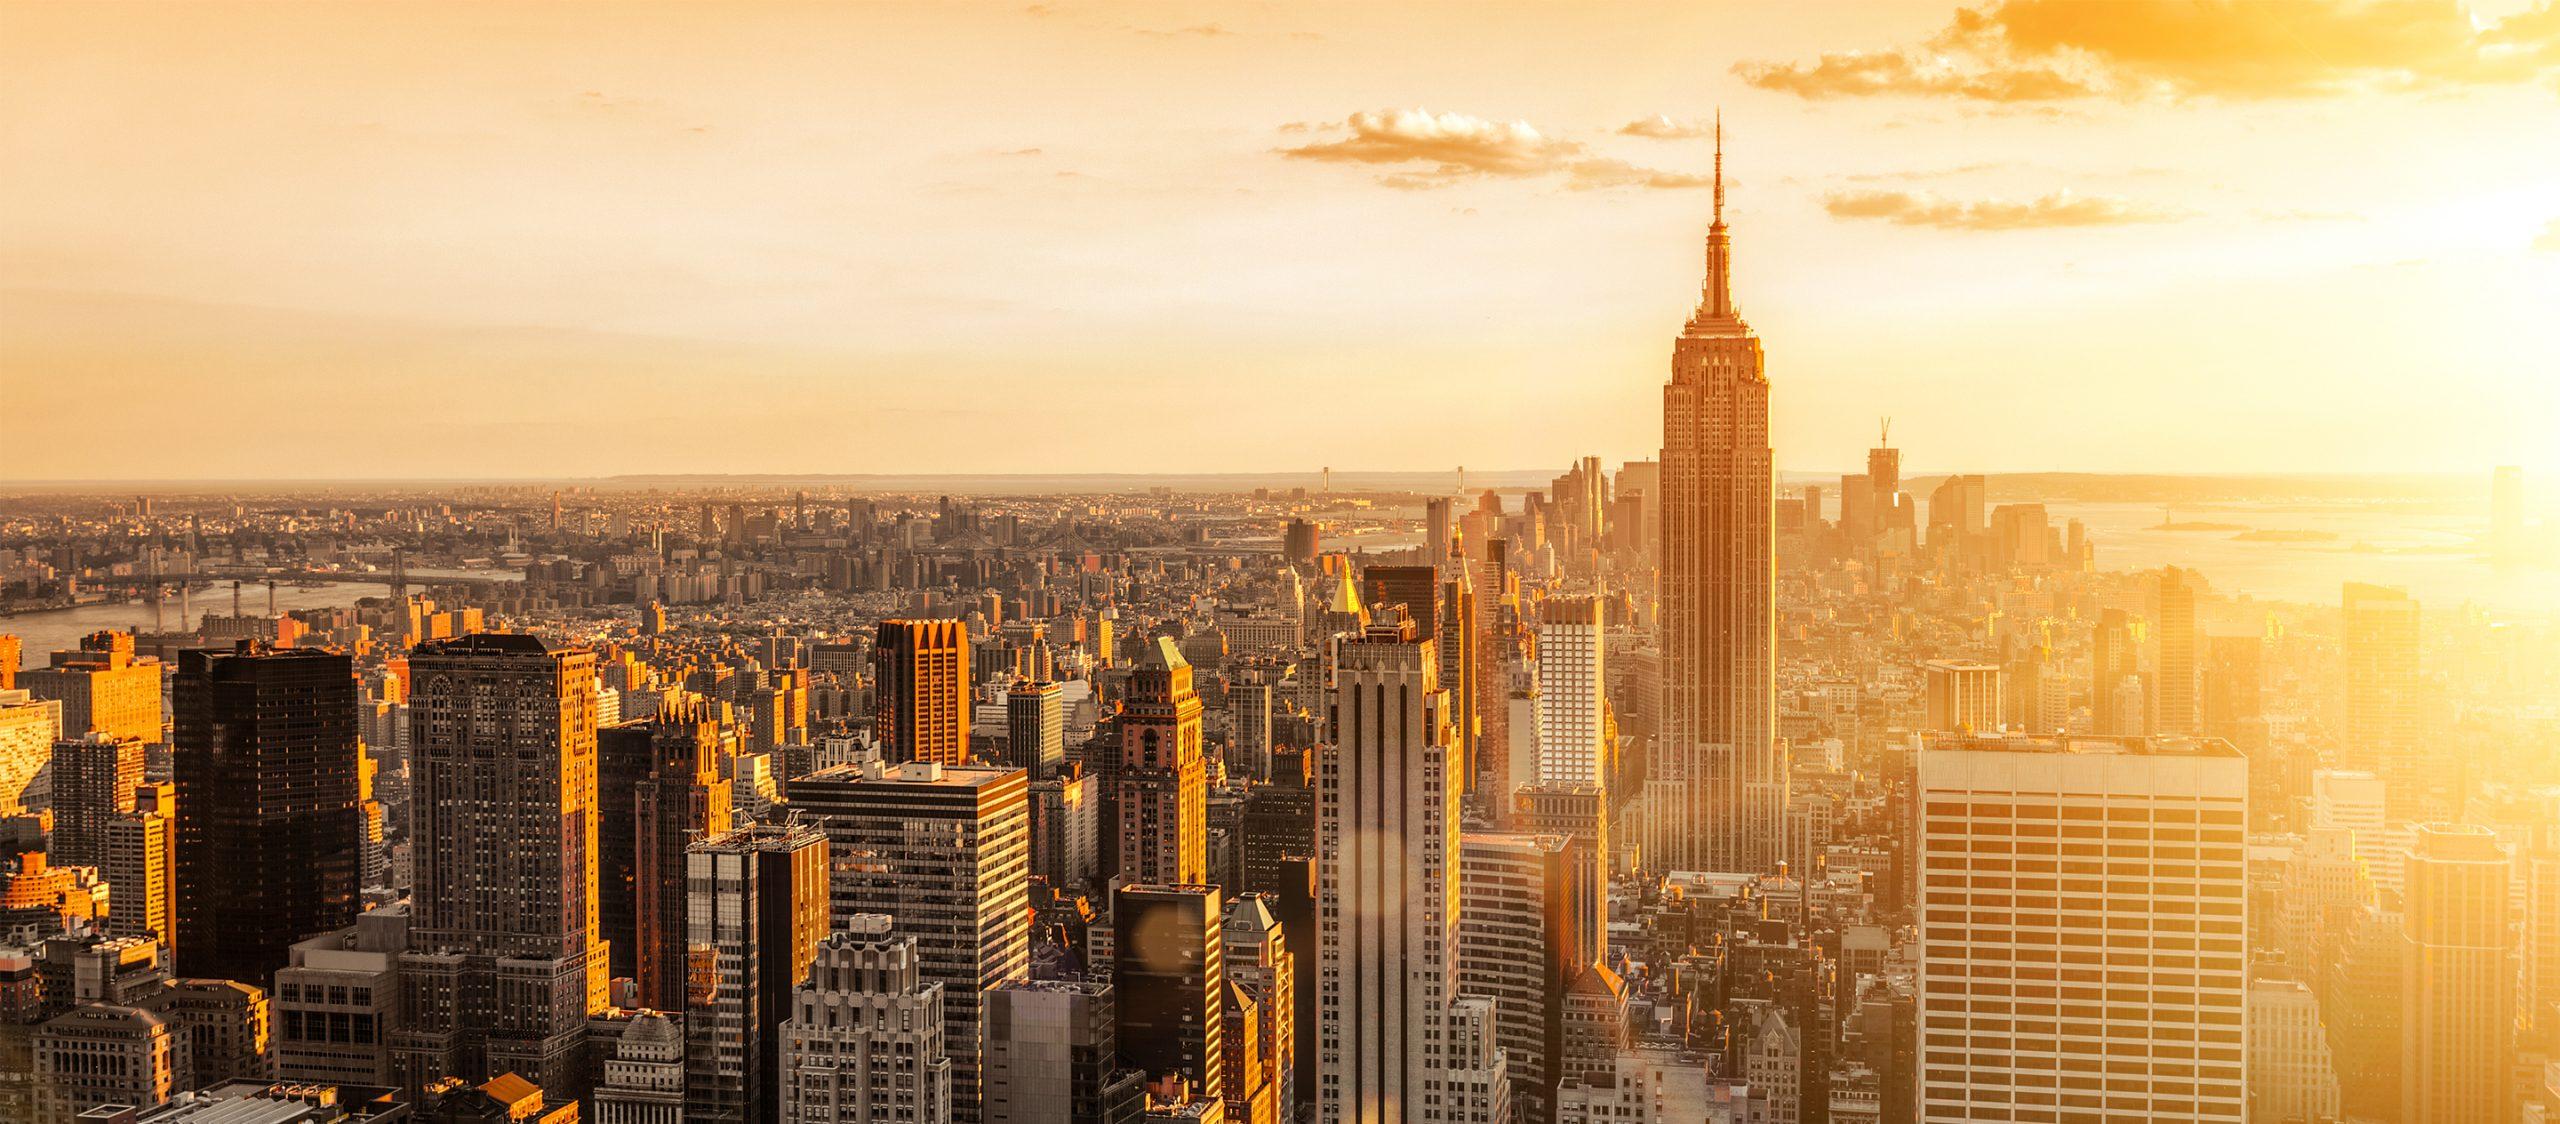 Midtown Manhattan: พื้นที่แห่งความใฝ่ฝันดันทุรังสร้างในยุคเศรษฐกิจดำดิ่งที่ดันสำเร็จ